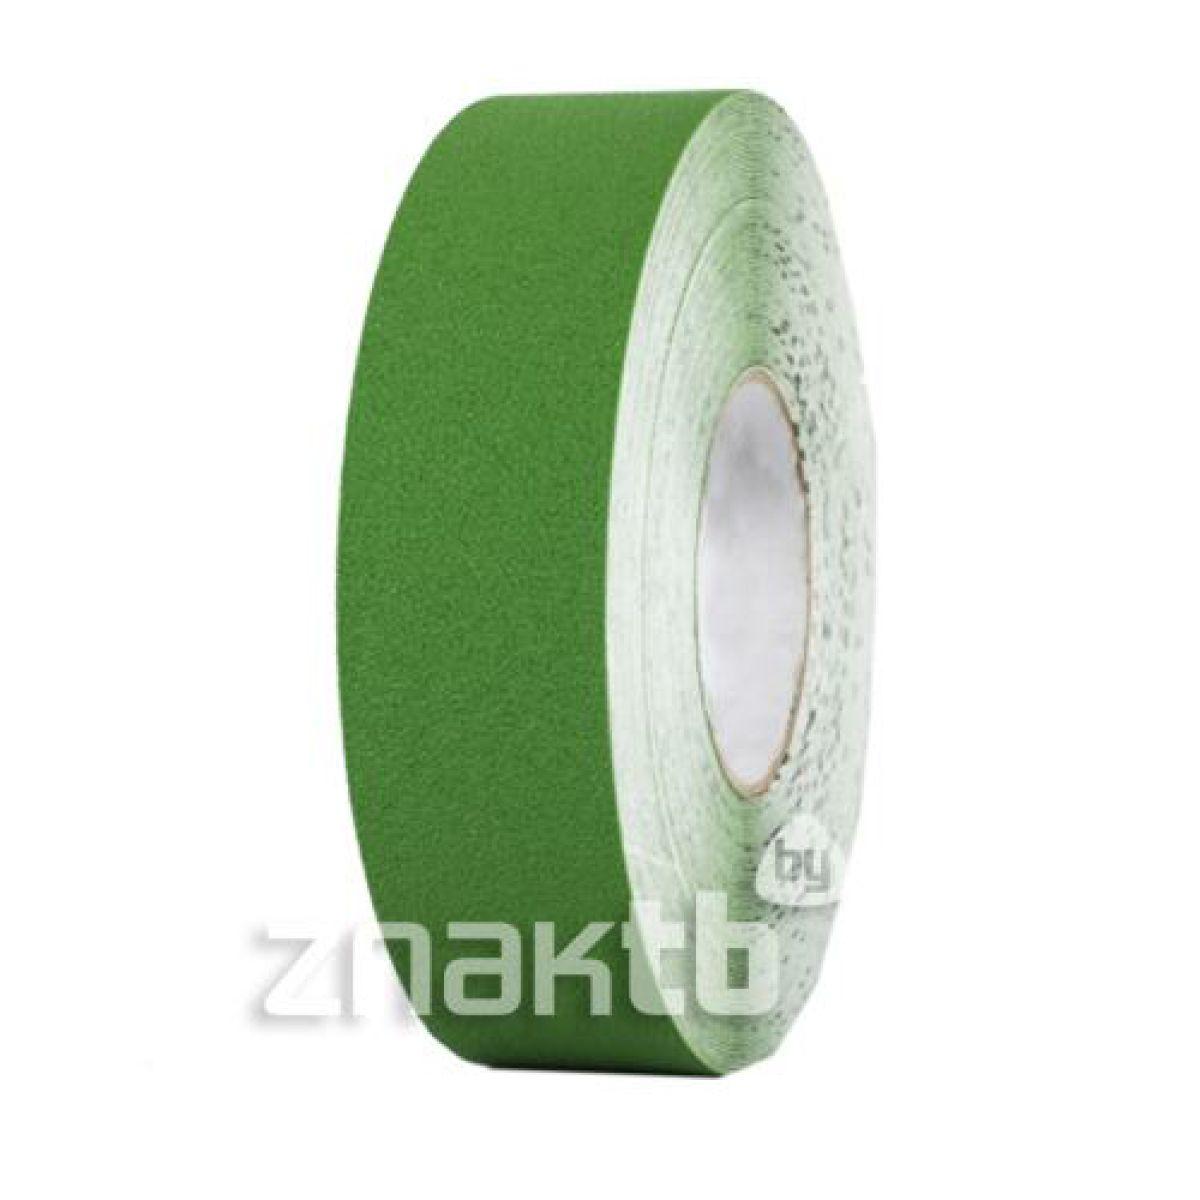 Износостойкая ПВХ лента для напольной разметки US501, зеленая 18,3 м.